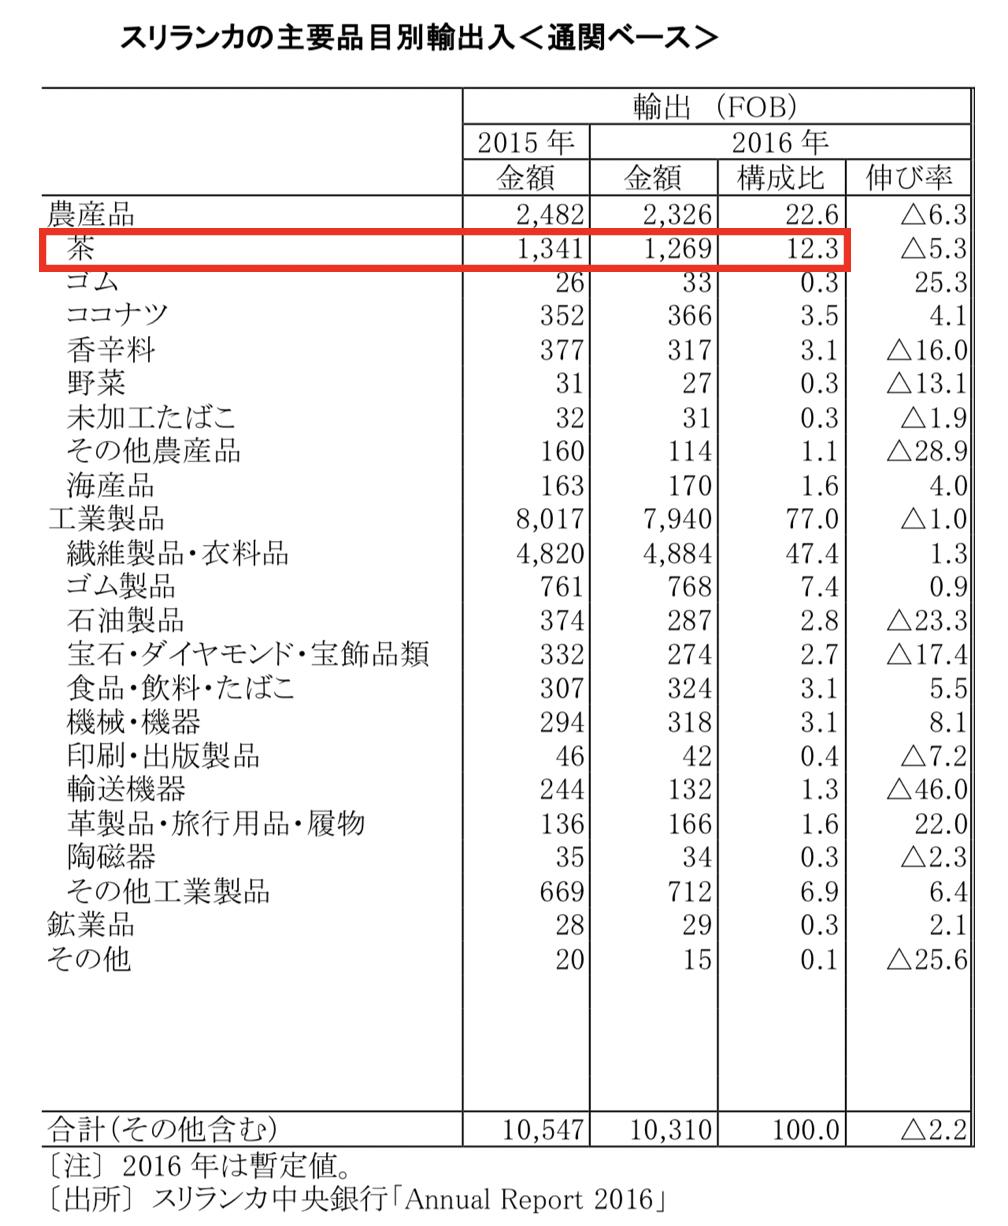 スリランカの輸出品の割合